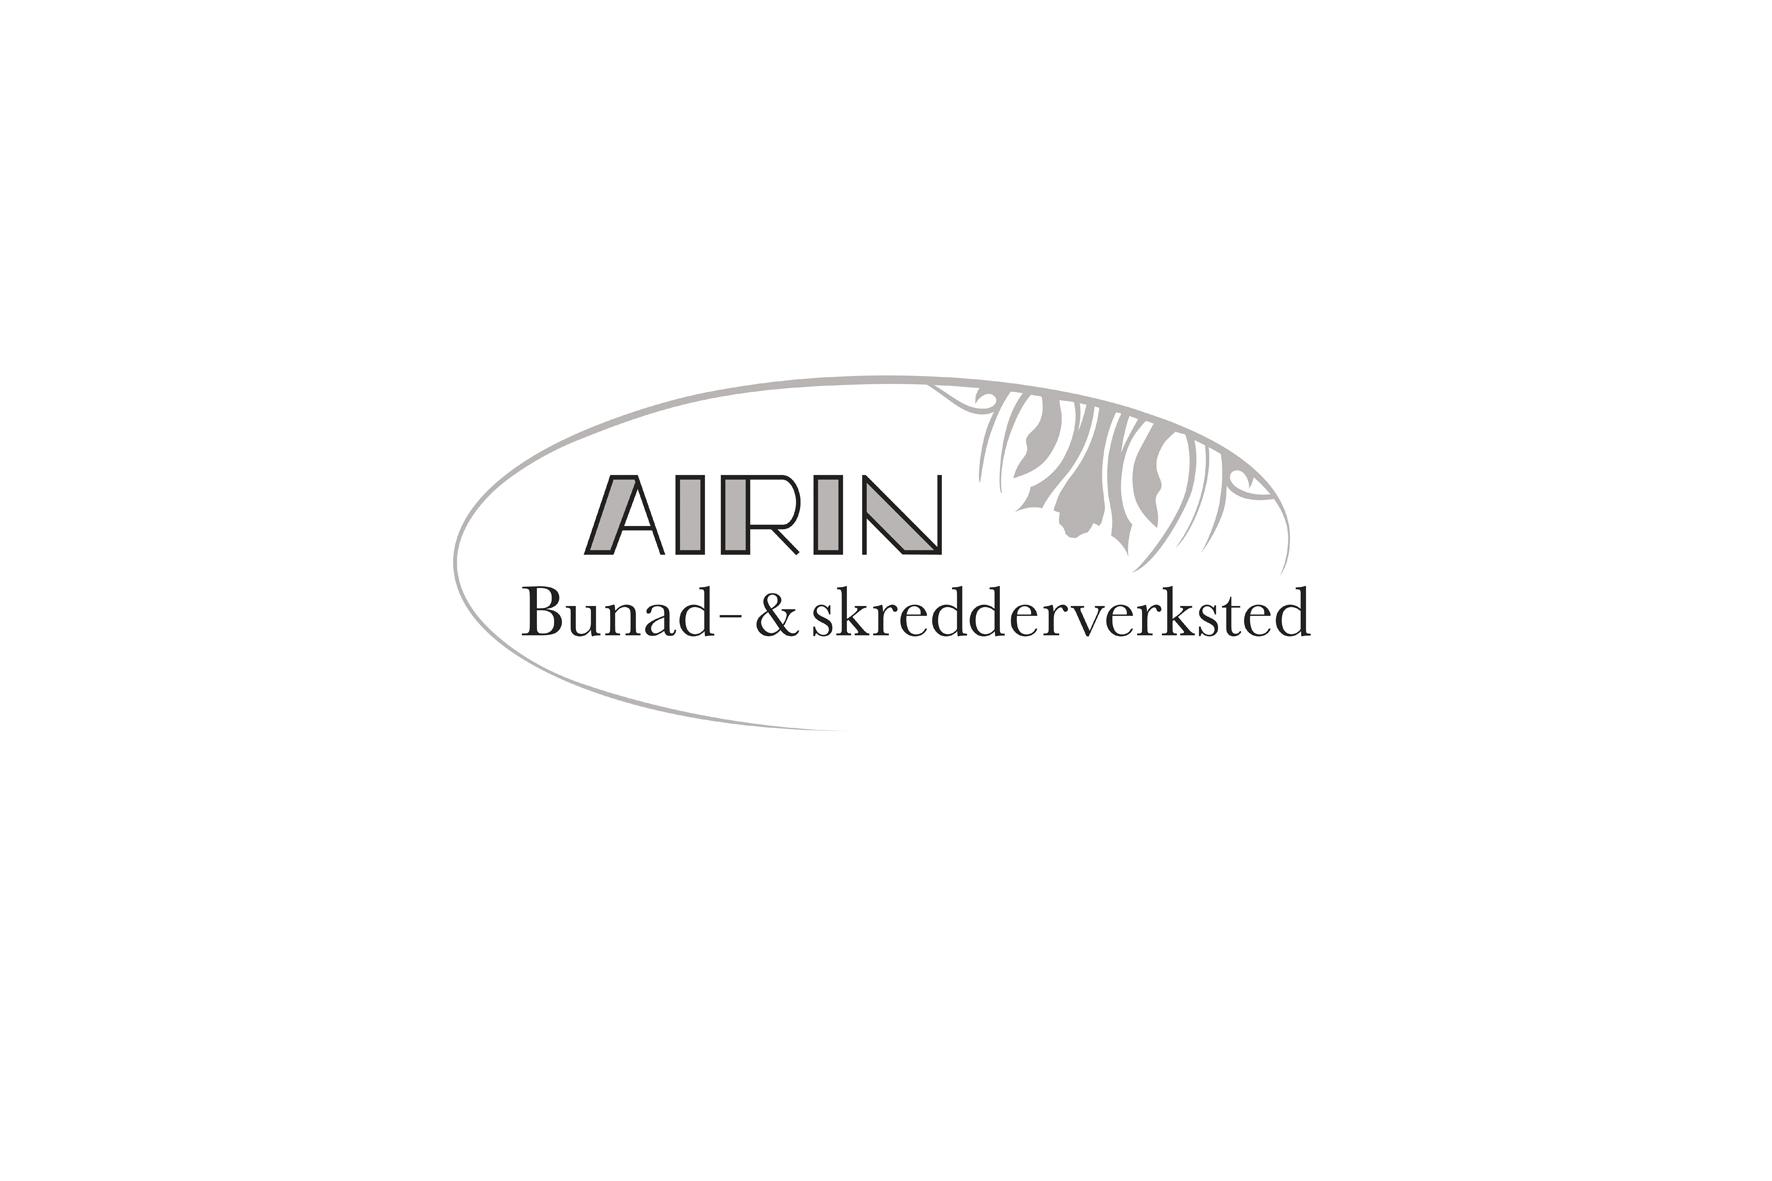 Airin bunad- & skredderverksted